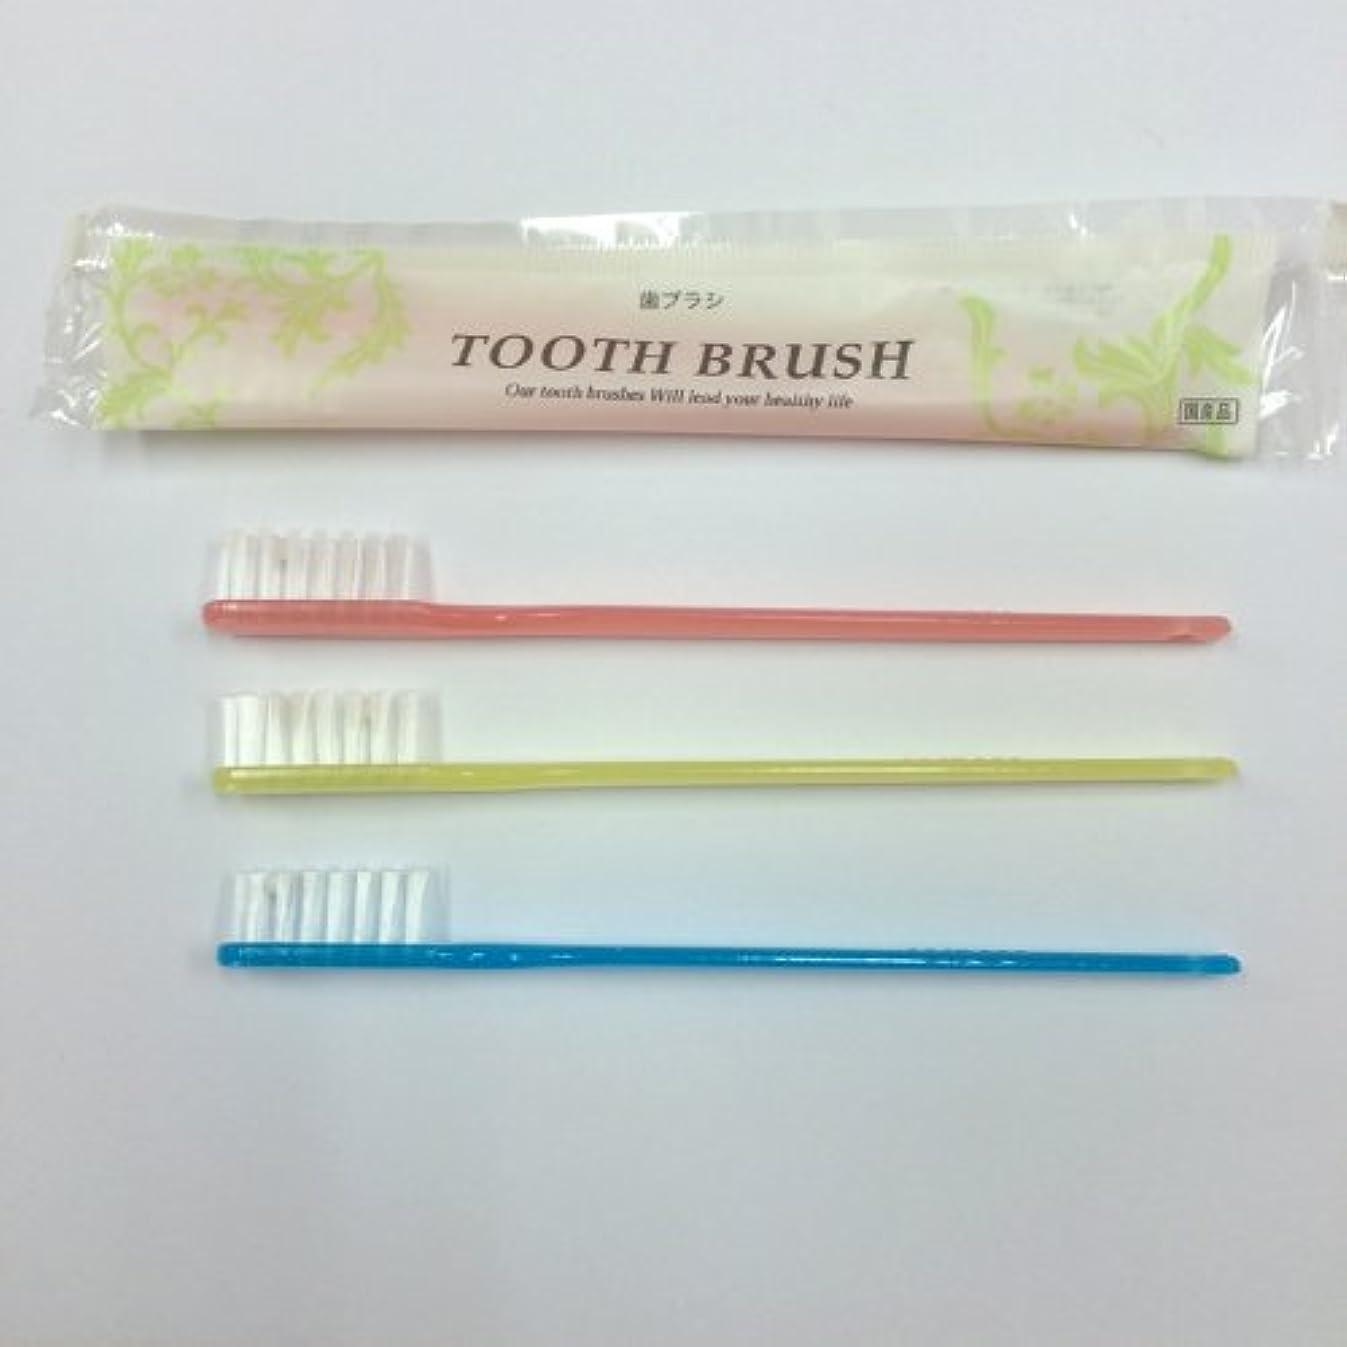 分解するすることになっている増強インスタント歯ブラシ 3色アソート(ピンク?ブルー?イエロー) 200本